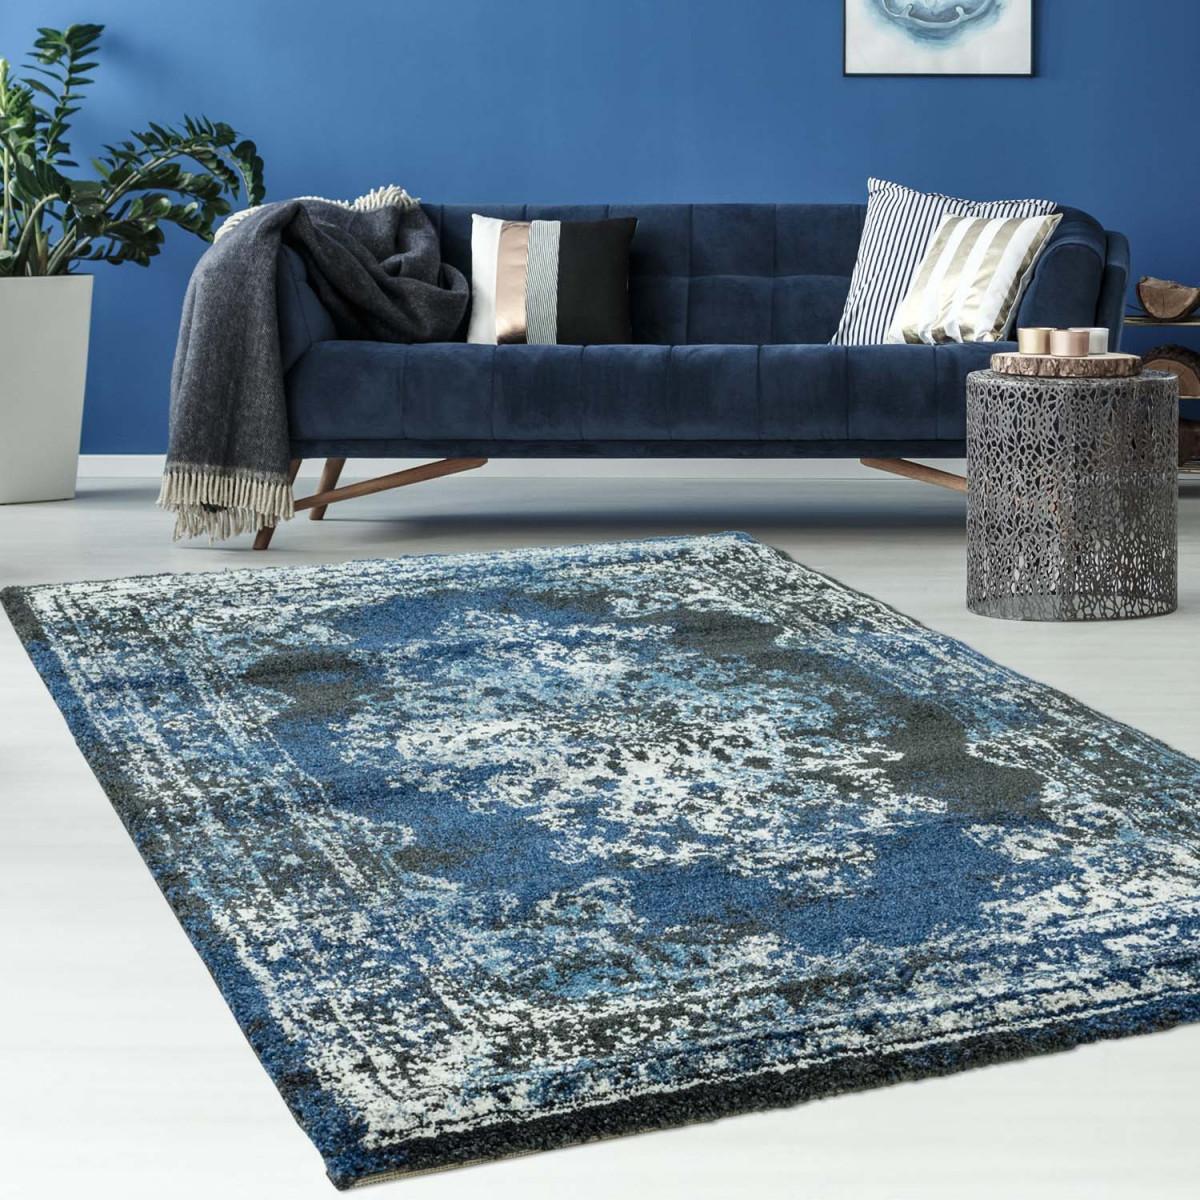 Teppich Mit Klassischem Design  Gabeh 3931 Schwarz Blau von Wohnzimmer Teppich Blau Photo